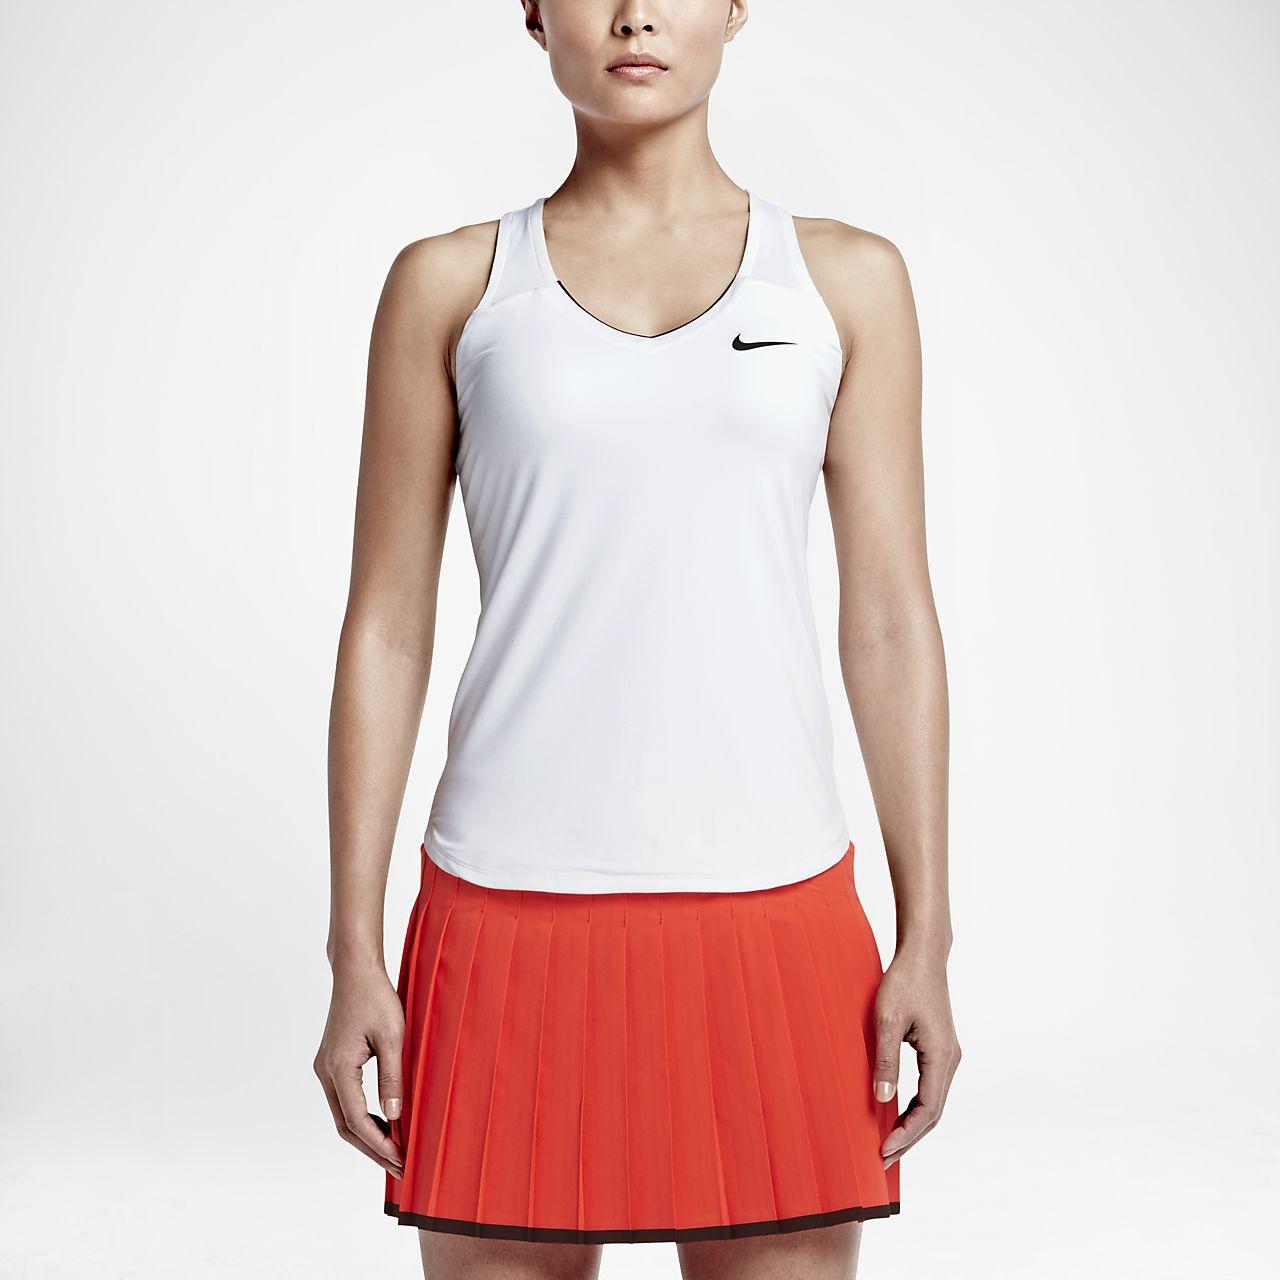 NikeCourt Team Pure Kadın Tenis Atleti